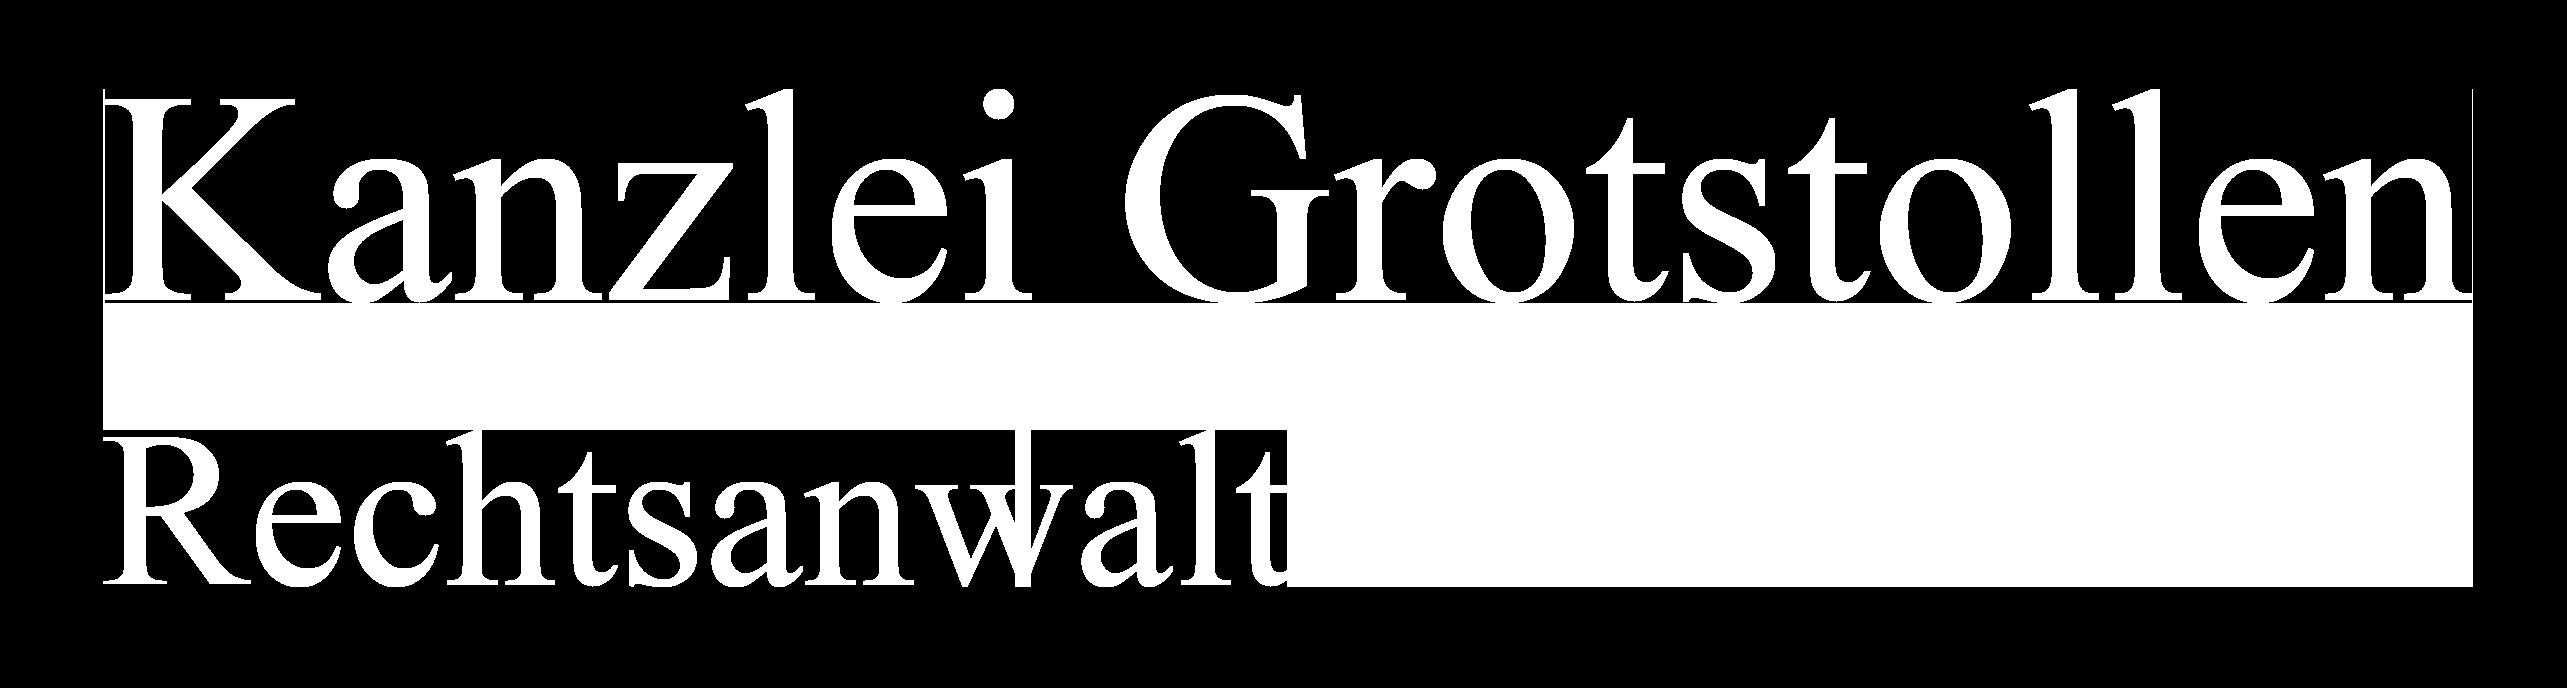 Kanzlei Grotstollen